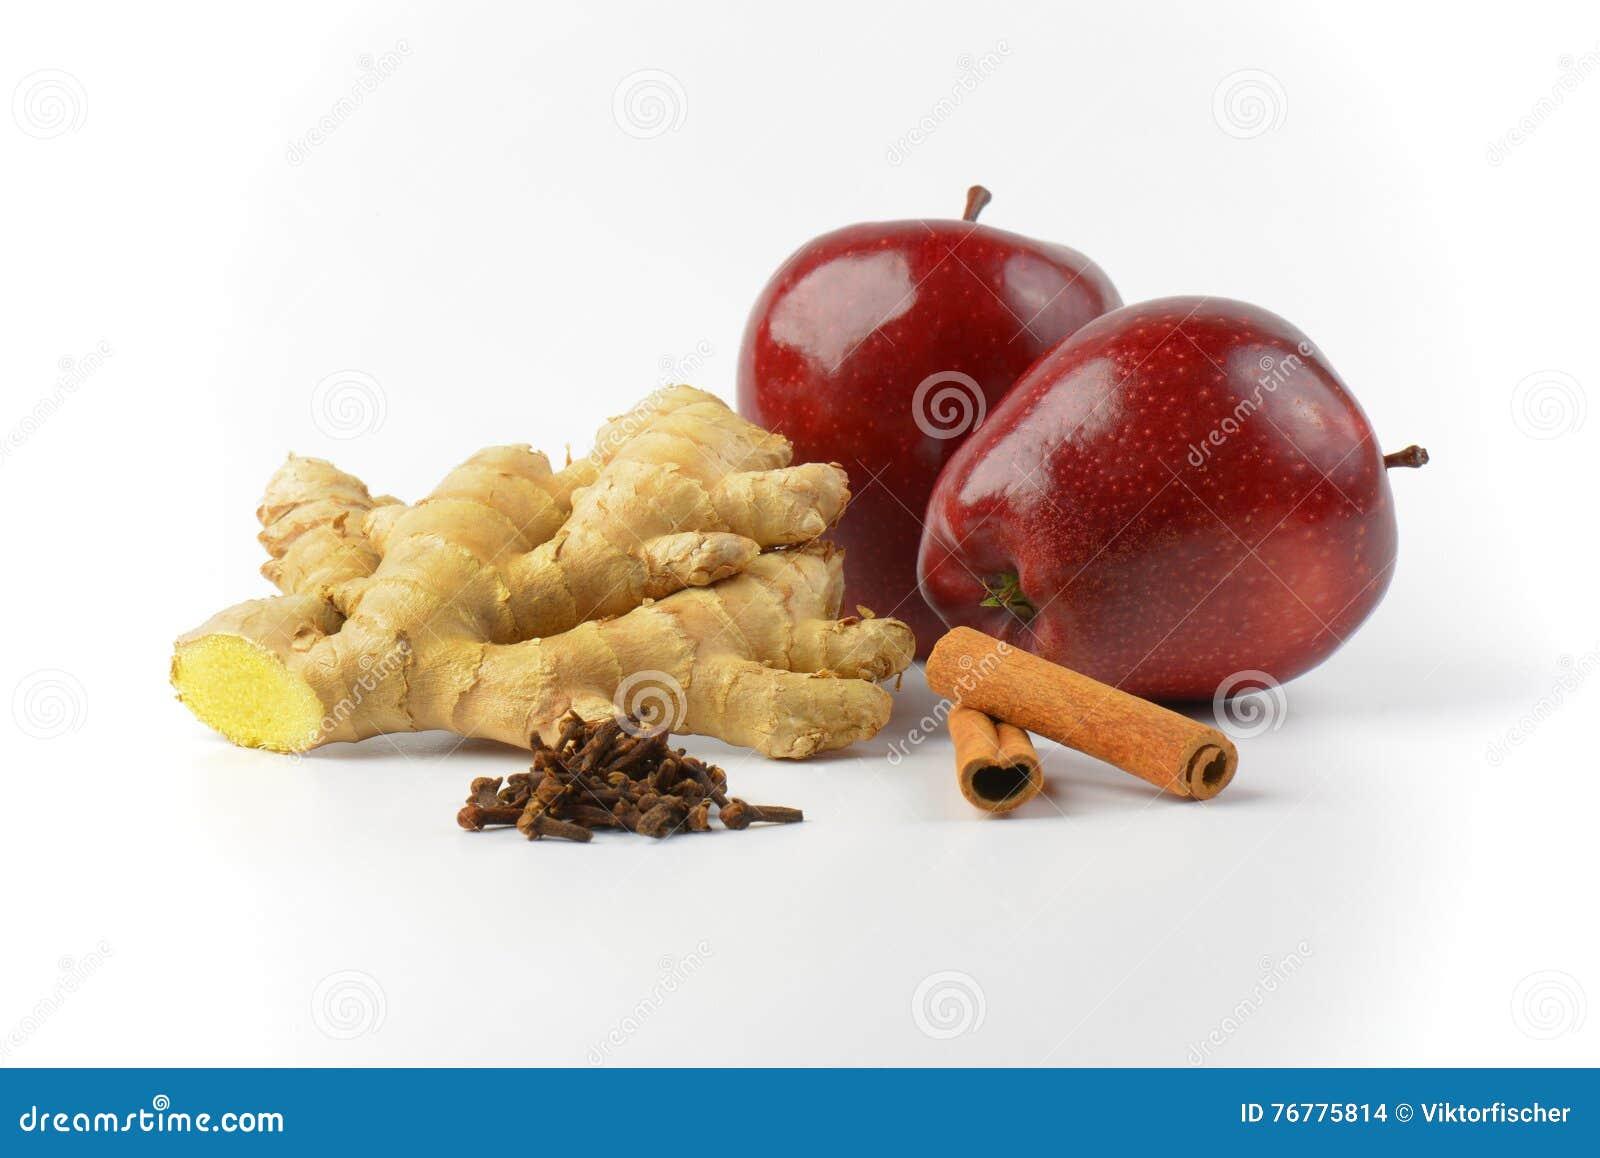 pommes rouges racine de gingembre b tons de cannelle et. Black Bedroom Furniture Sets. Home Design Ideas